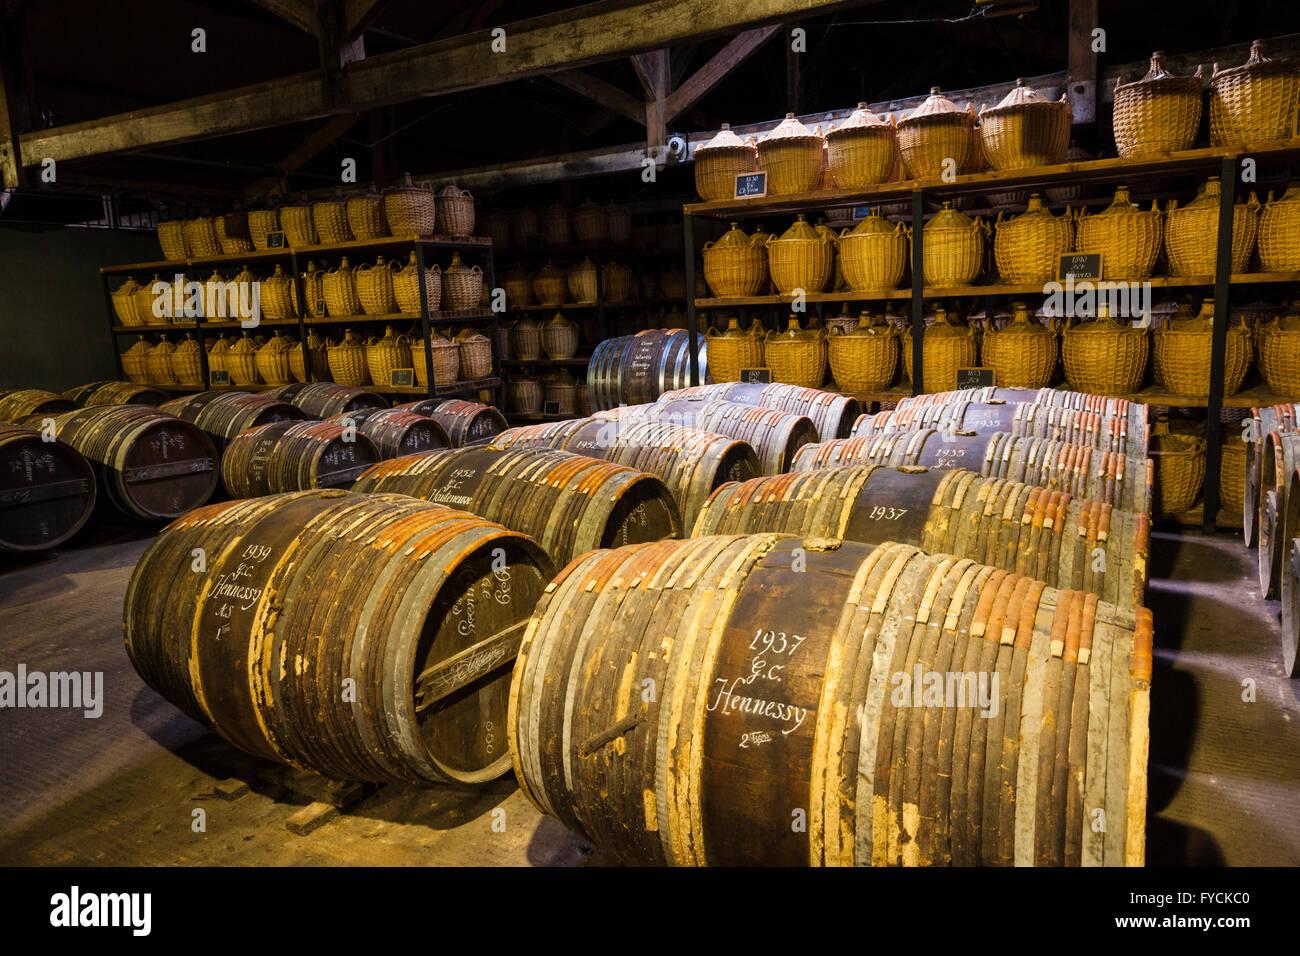 Hennessy Alterung Lager, wo die Eaux-de-vie in Eichenfässern reifen vor dem Mischen, Cognac, Poitou-Charente Stockbild